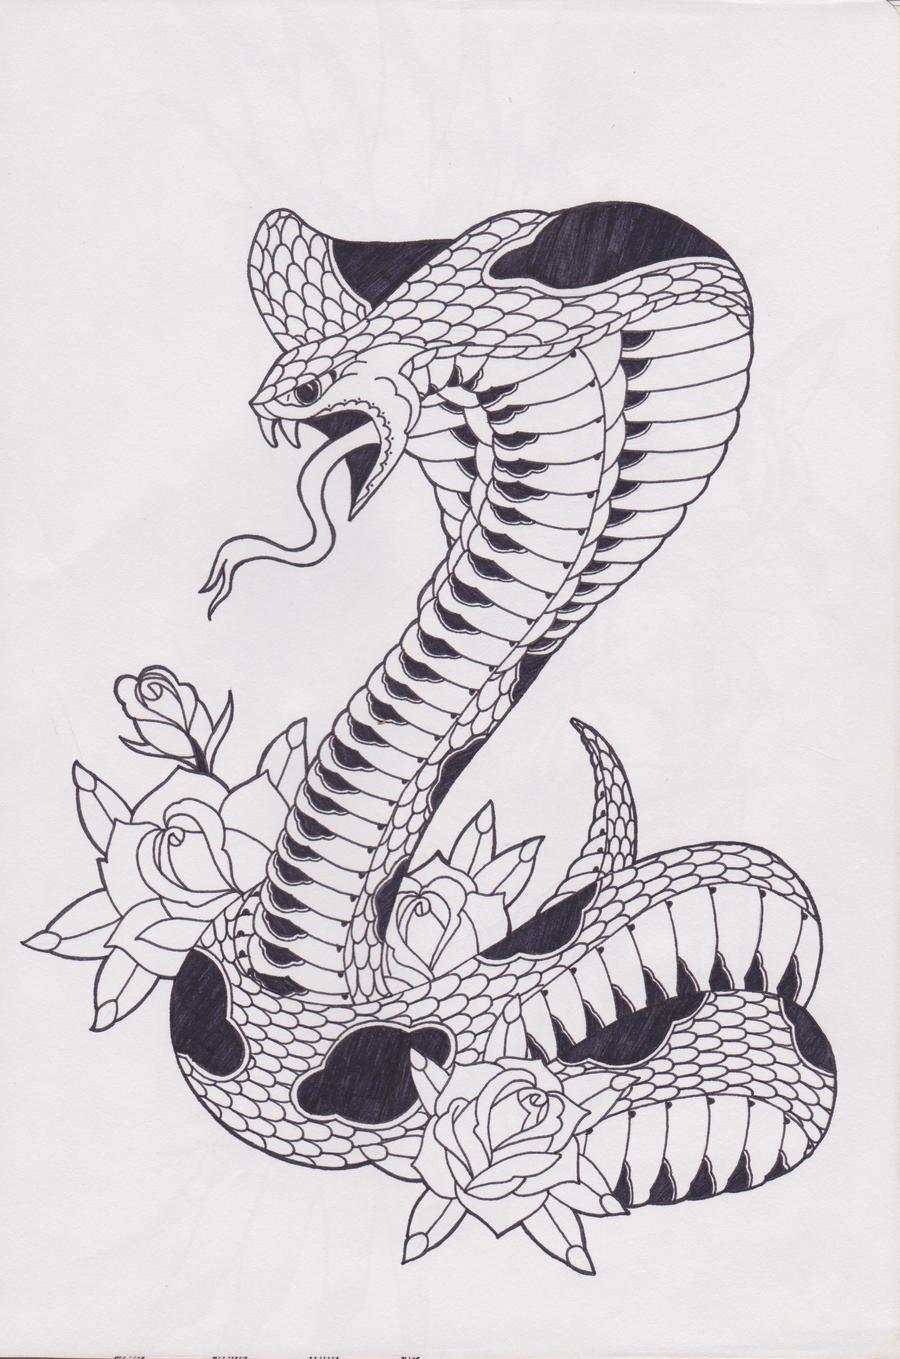 king cobra by bloodempire on deviantart. Black Bedroom Furniture Sets. Home Design Ideas